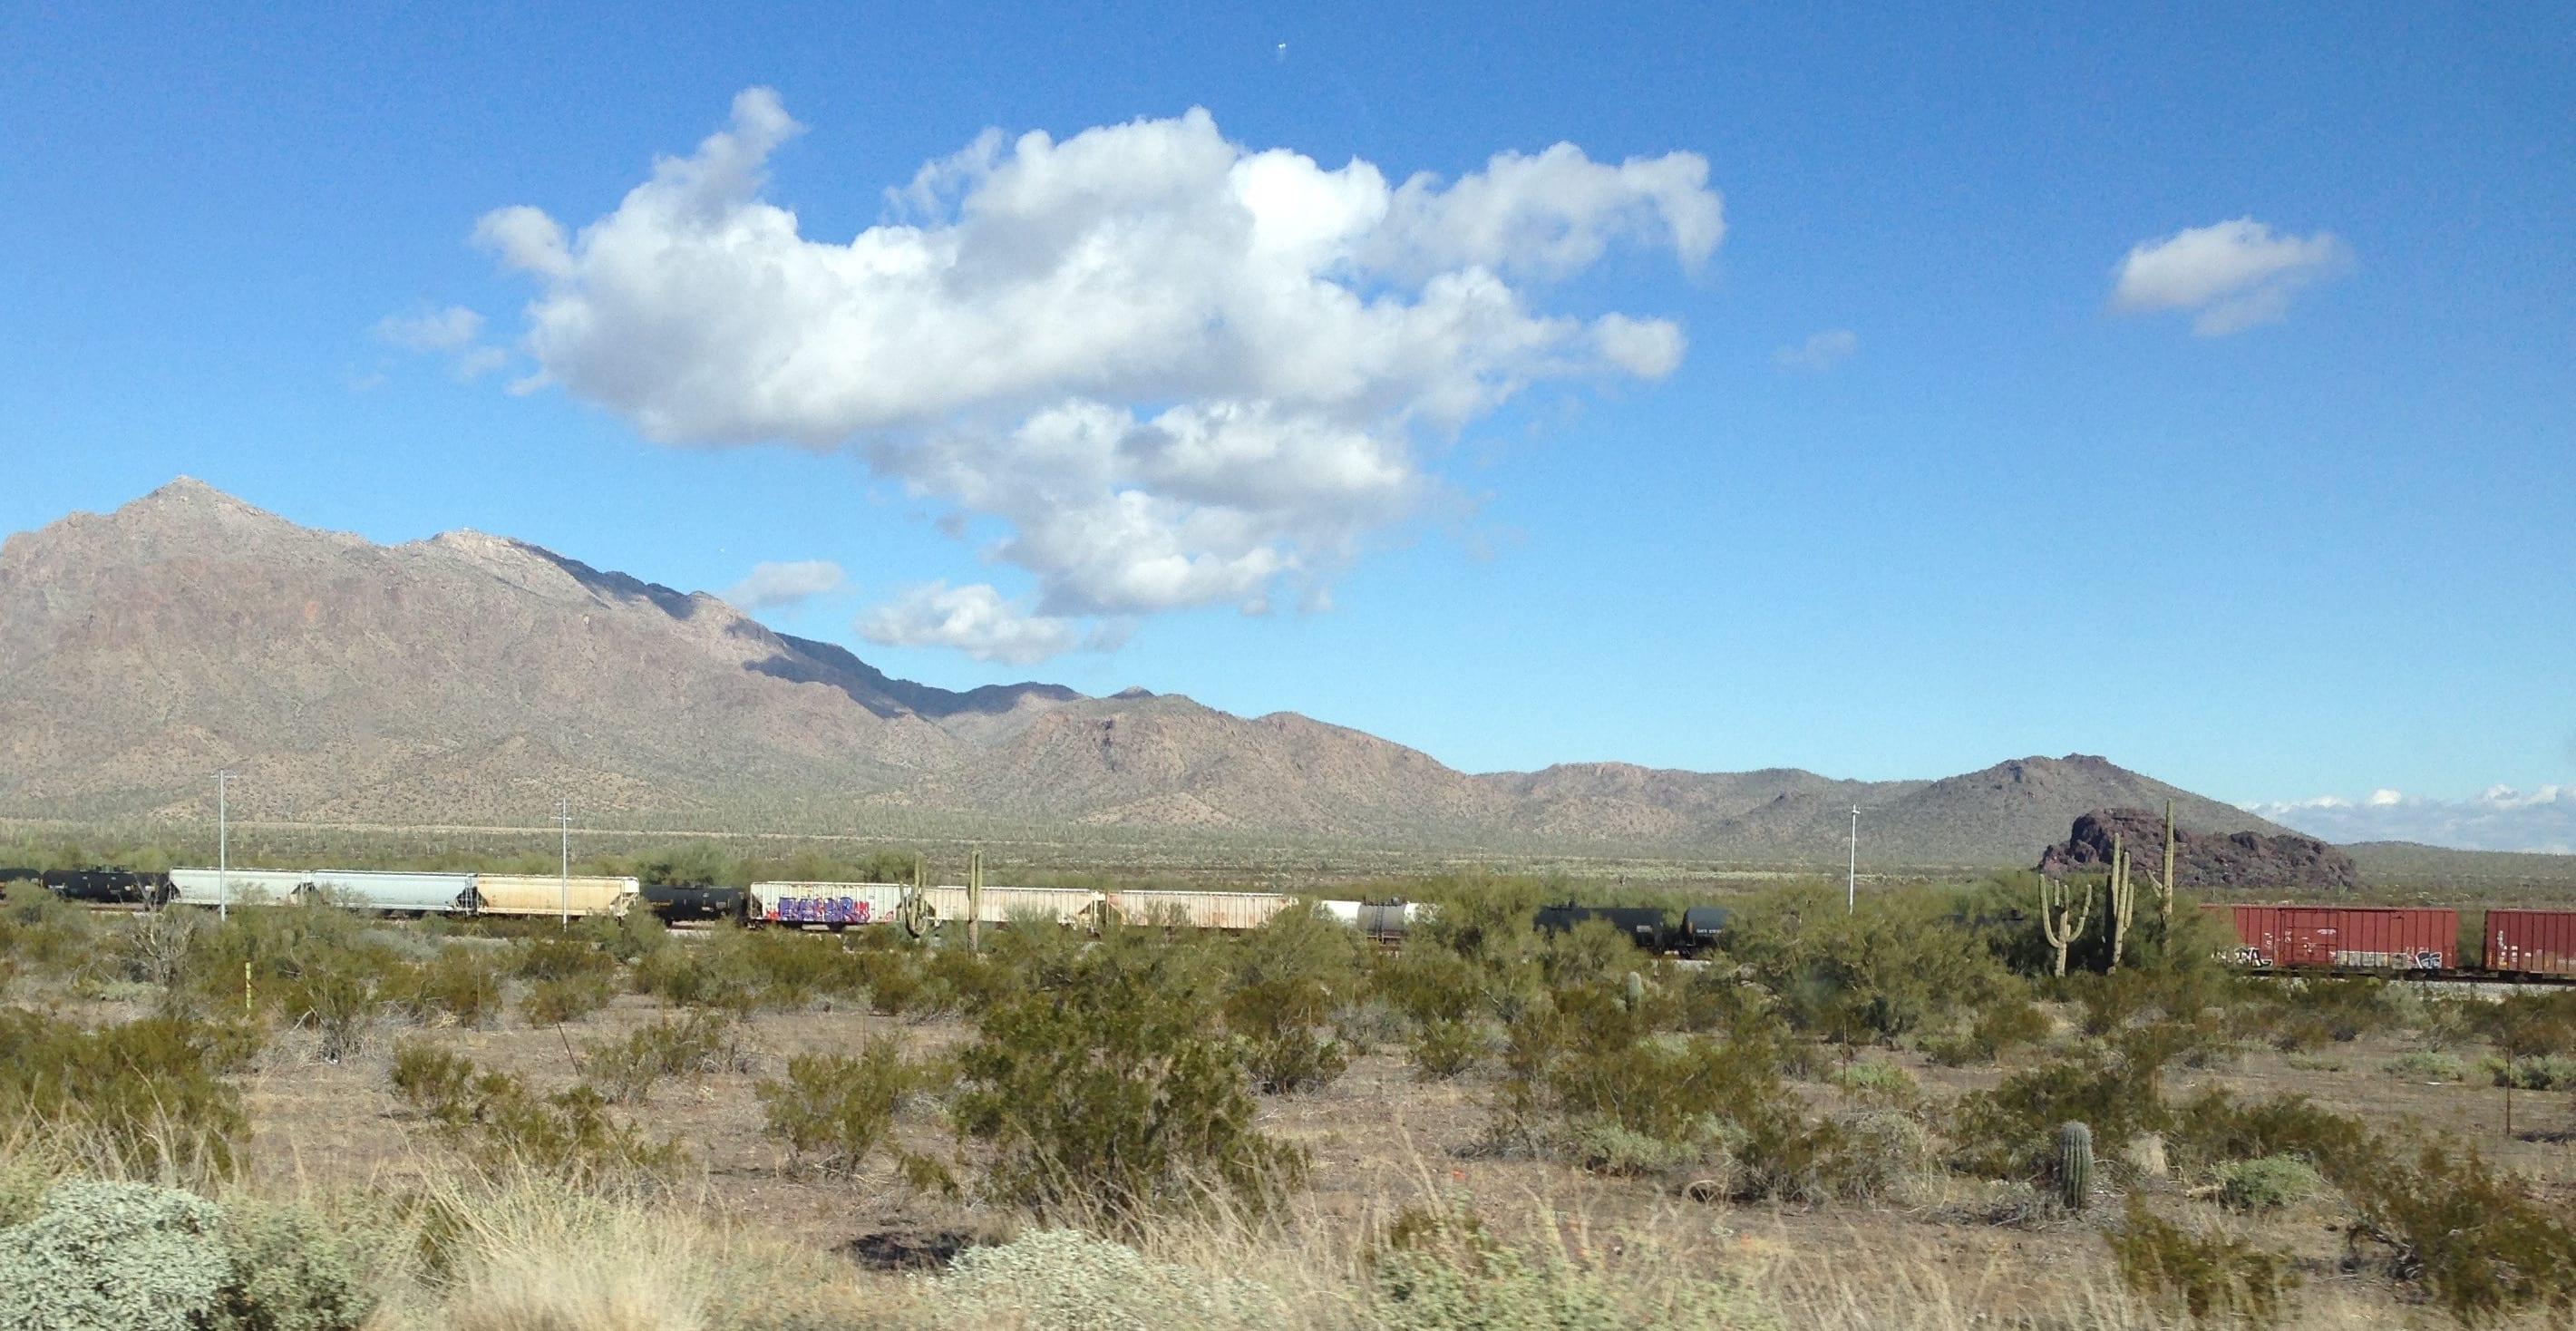 Doli,Arizona